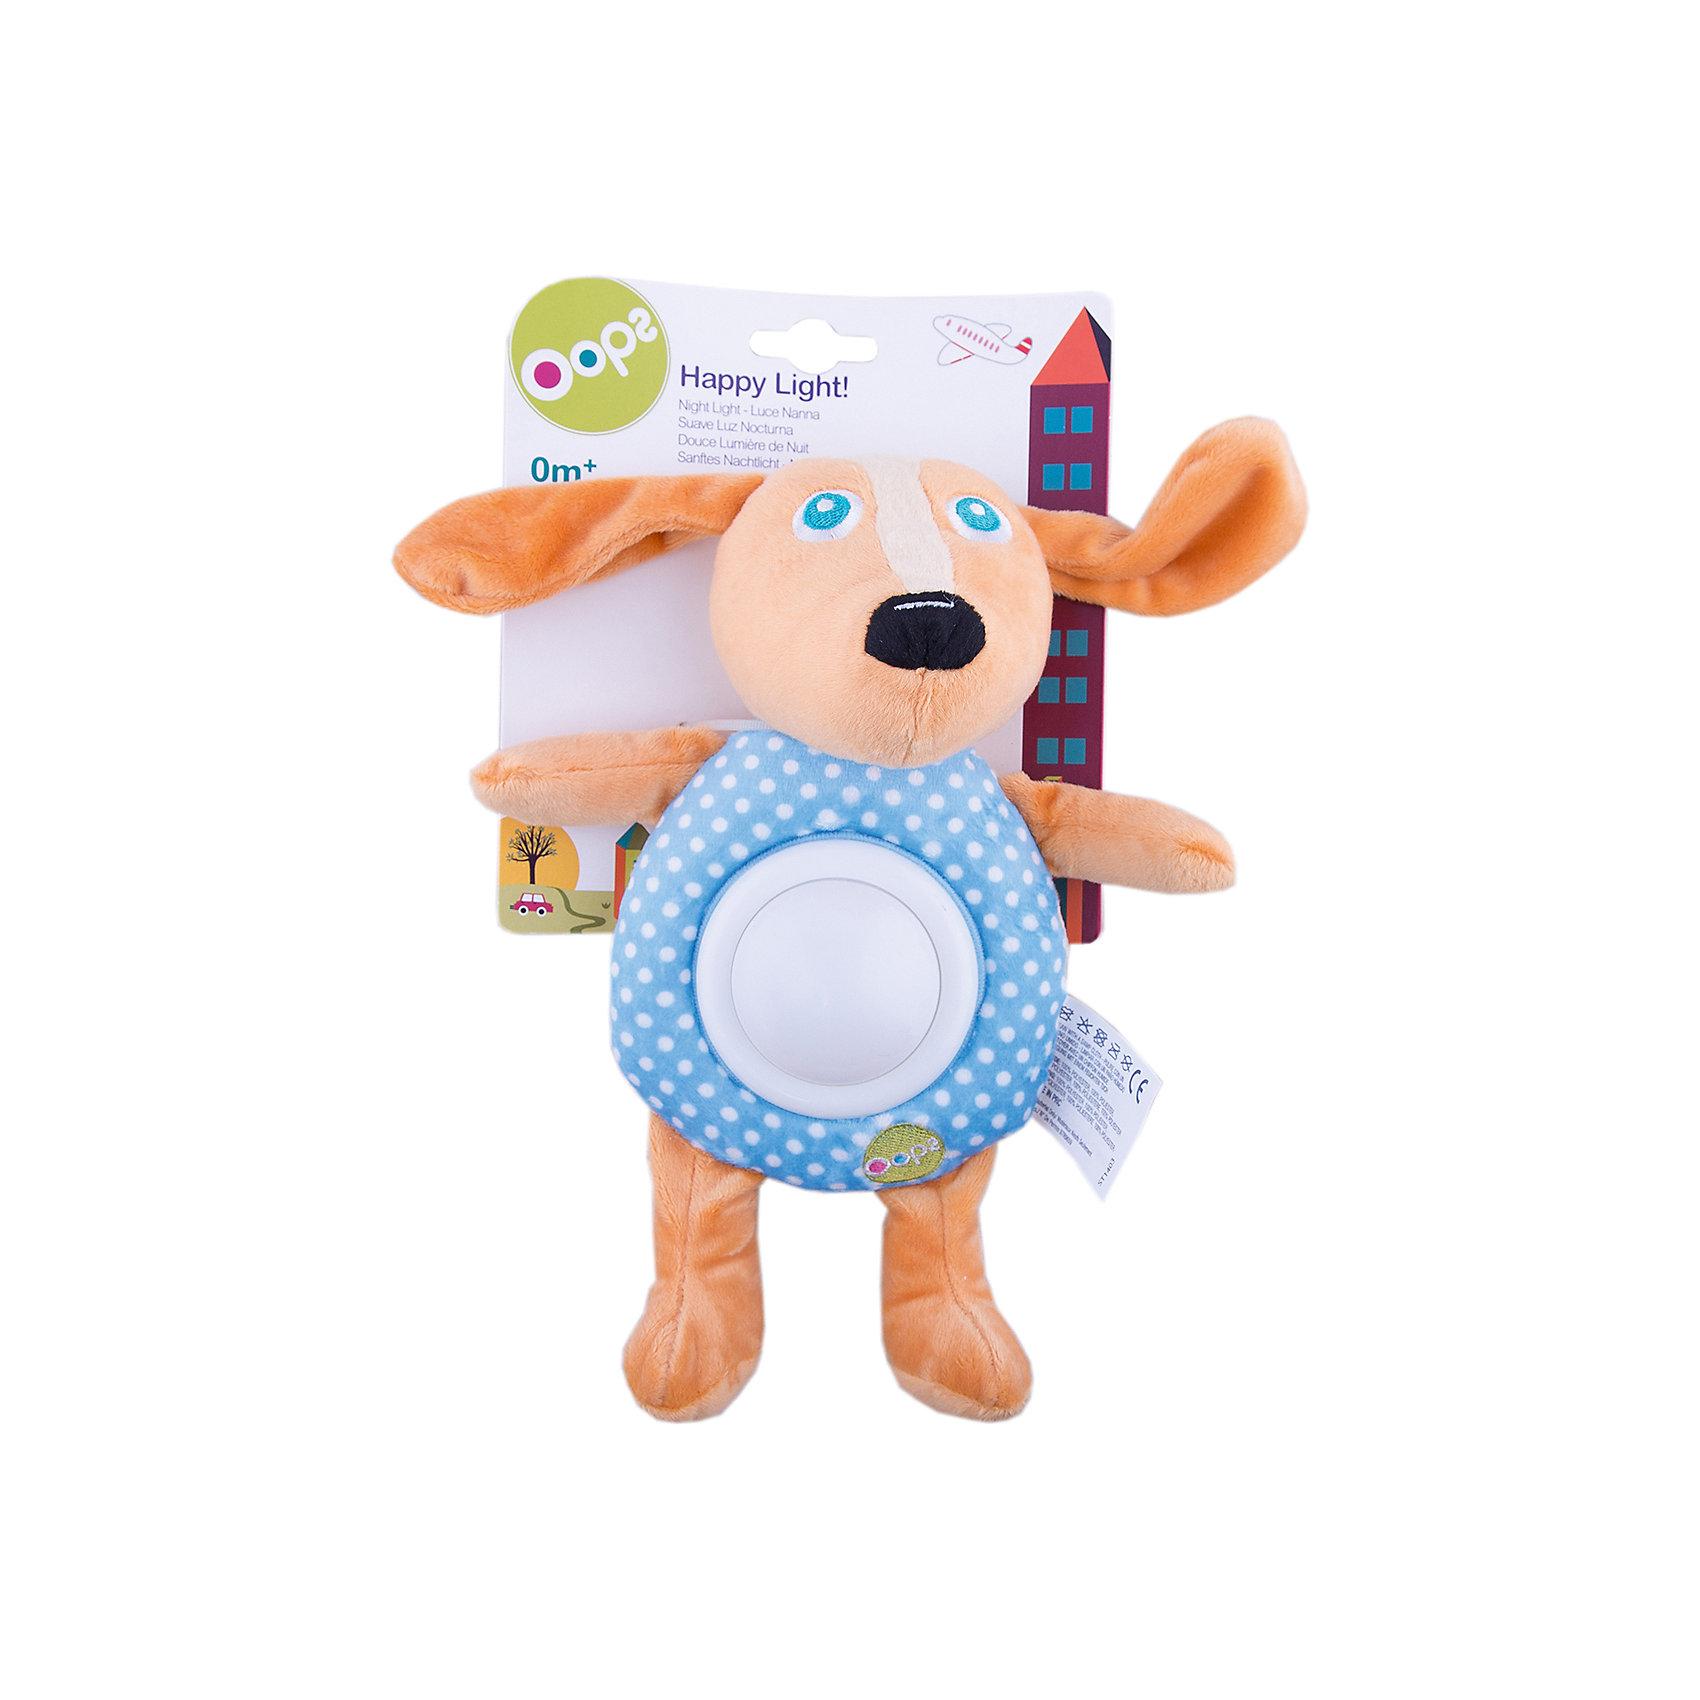 Игрушка-ночник Собака, OopsХарактеристики игрушки-ночника Собака:<br><br>- тип ночника: детский<br>- назначение: освещение детских комнат<br>- крепление: настольное<br>- количество ламп: 1 шт.<br>- материал плафона: пластик<br>- тип выключателя: механический<br>- размеры: 19 * 24 * 9 см <br>- размер упаковки (дхшхв): 20* 18 * 8 см <br>- вес в упаковке: 110 г<br>- электропитание: 2 ААА<br>- форм-фактор батареи: AAA (LR03)<br>- количество элементов питания: 2 шт.<br>- комплектация ночник: 3 батарейки АА<br>- вес в упаковке: 115 г<br>- производитель: Oops (Китай).<br><br>Ночник Собака – это мягконабивная игрушка для детей от 2-3 месяцев. Мягкий ночничок в виде смешной собачки поможет Вашему малышу быстро заснуть. С такой мягкой и приятной на ощупь игрушкой ребенку будет приятно и спокойно, как днём во время игры, так и вечером. Если нажать на животик собачки, то загорится свет от ночника. <br>Цвета на ночнике могут меняться на зеленый, красный, синий и желтый.<br><br>Игрушка-ночник Собака торговой марки Oops (Упс) можно купить в нашем интернет-магазине.<br><br>Ширина мм: 160<br>Глубина мм: 60<br>Высота мм: 270<br>Вес г: 225<br>Возраст от месяцев: 24<br>Возраст до месяцев: 60<br>Пол: Унисекс<br>Возраст: Детский<br>SKU: 5146698